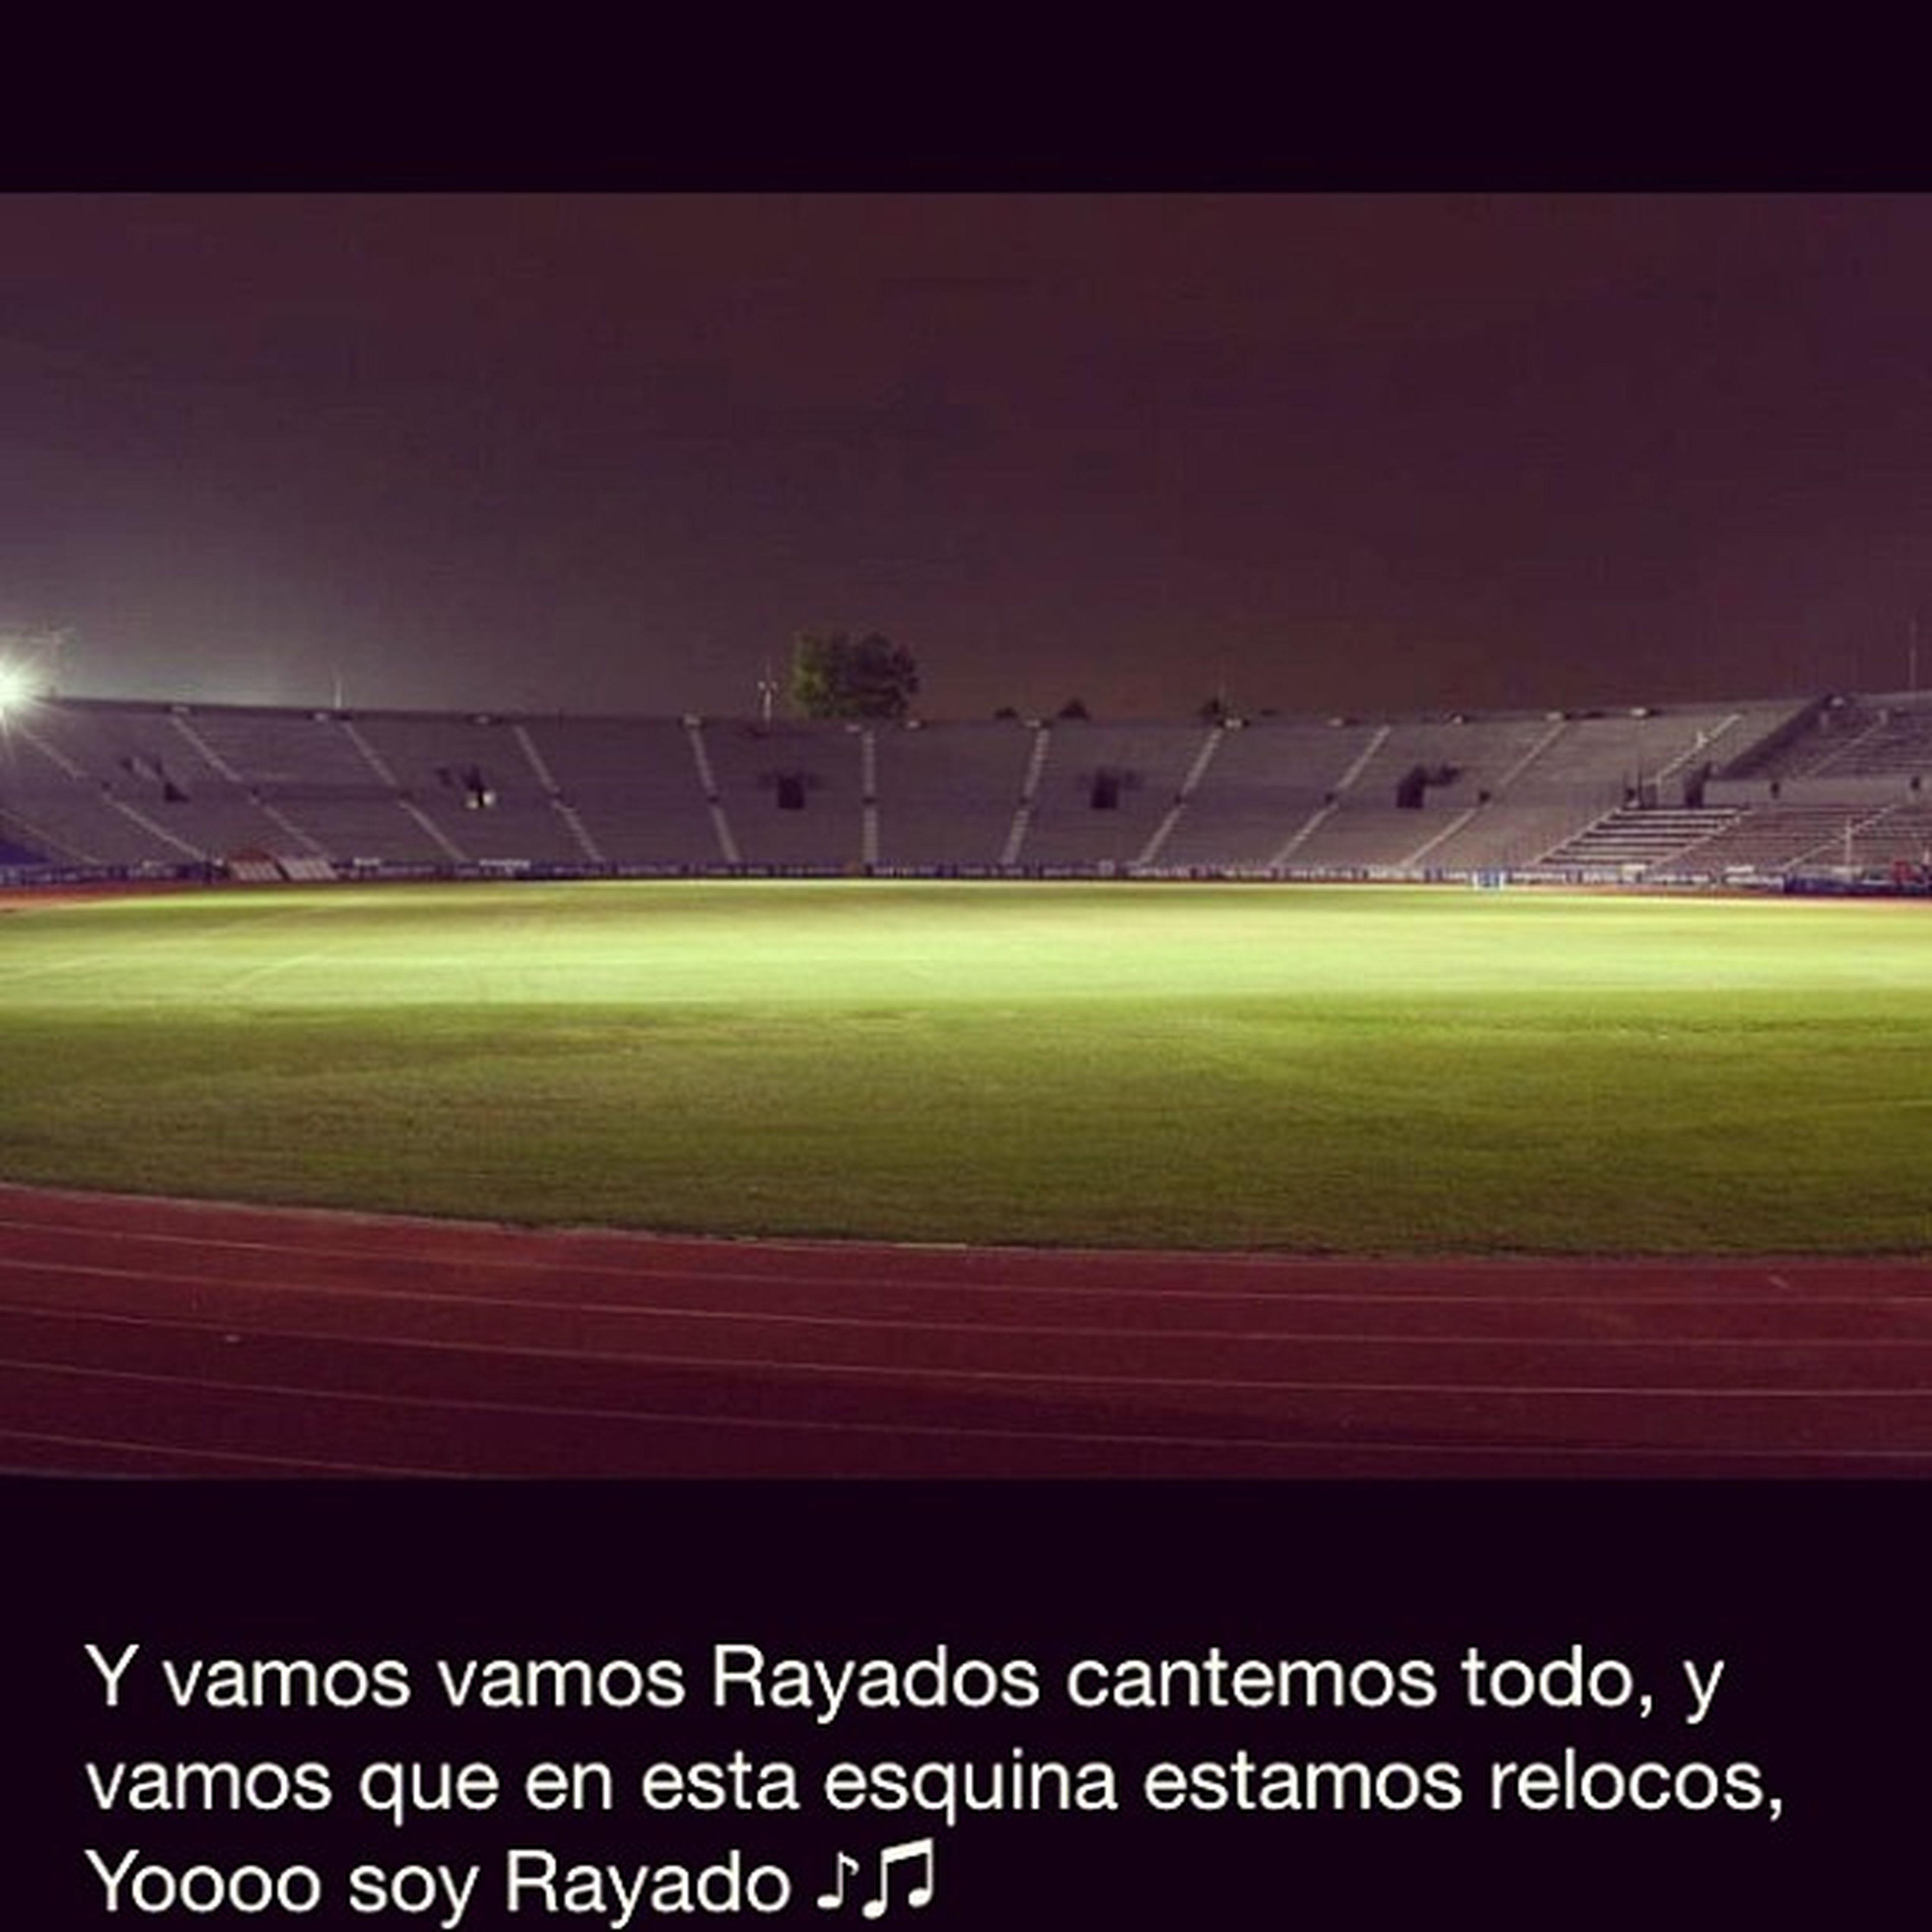 Vamosrayados Laadiccion Mtyladrondemicerebro Mty monterrey mexico nuevoleon fútbol soccer stadium estadio tecnológico pasión locura sentimiento amor cfm love rayadosvssanluis próximo sábado ganamos esta cancha linda enero